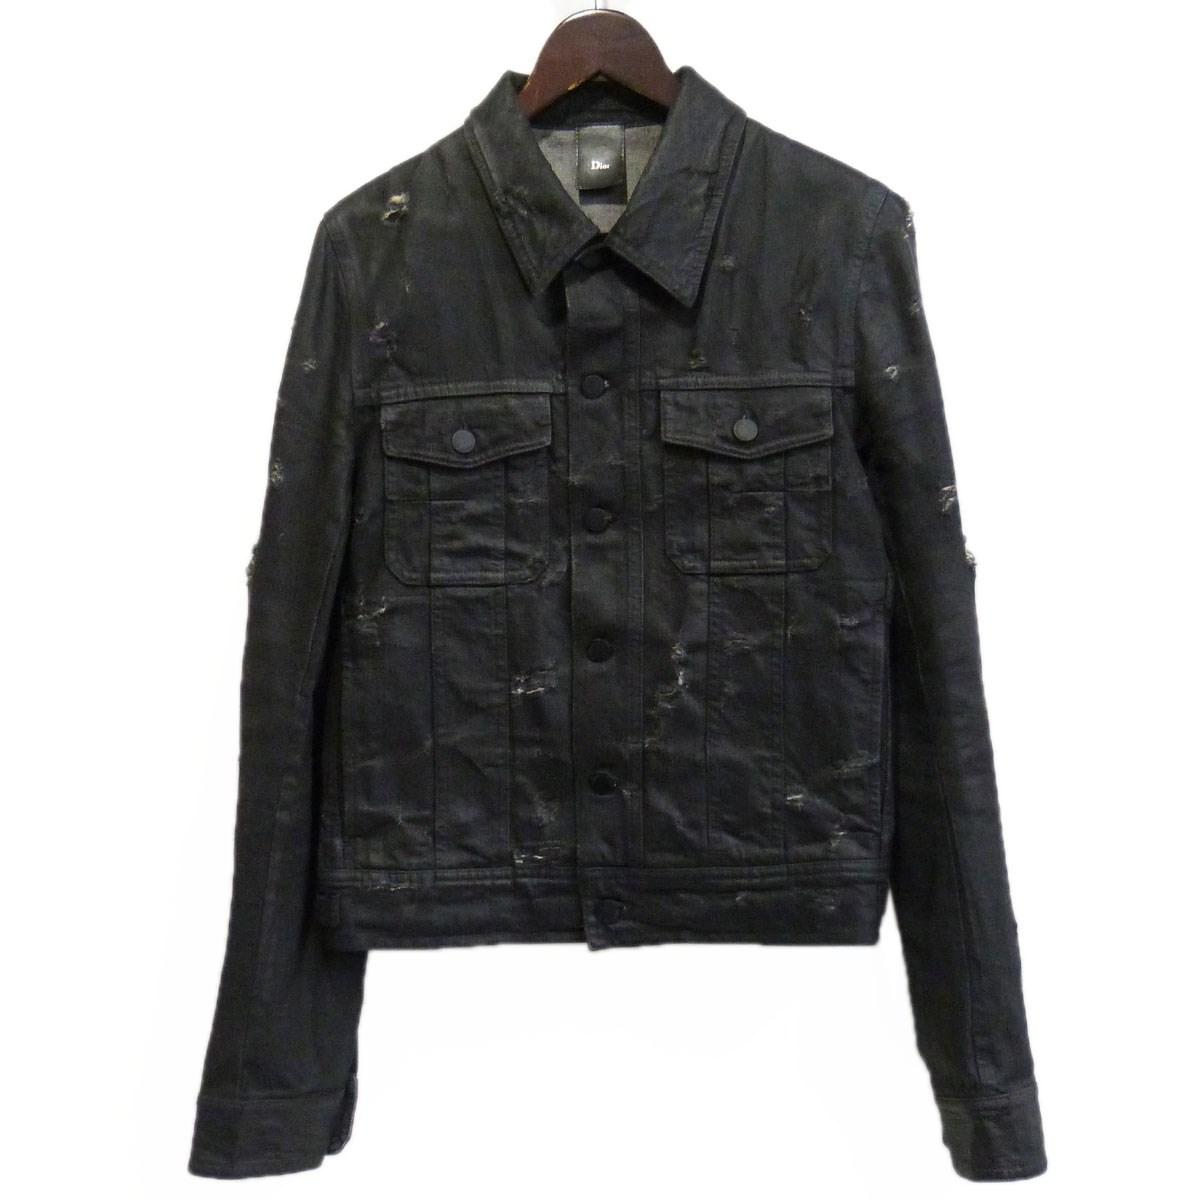 【中古】Dior Homme 04SS strip期 デストロイコーティングデニムジャケット ブラック サイズ:46 【171219】(ディオールオム)